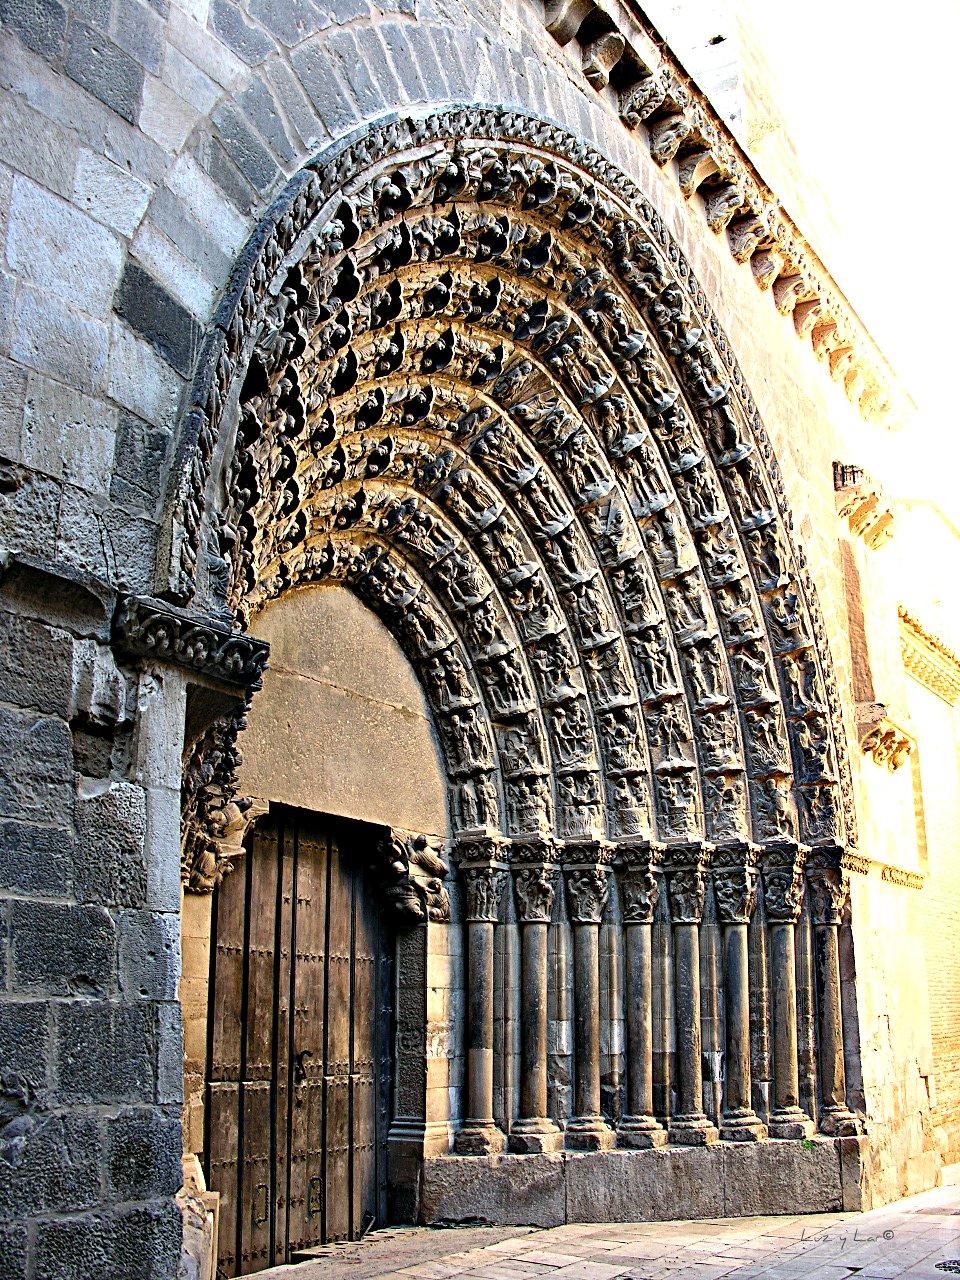 La vida en una mirada: Tudela - catedral